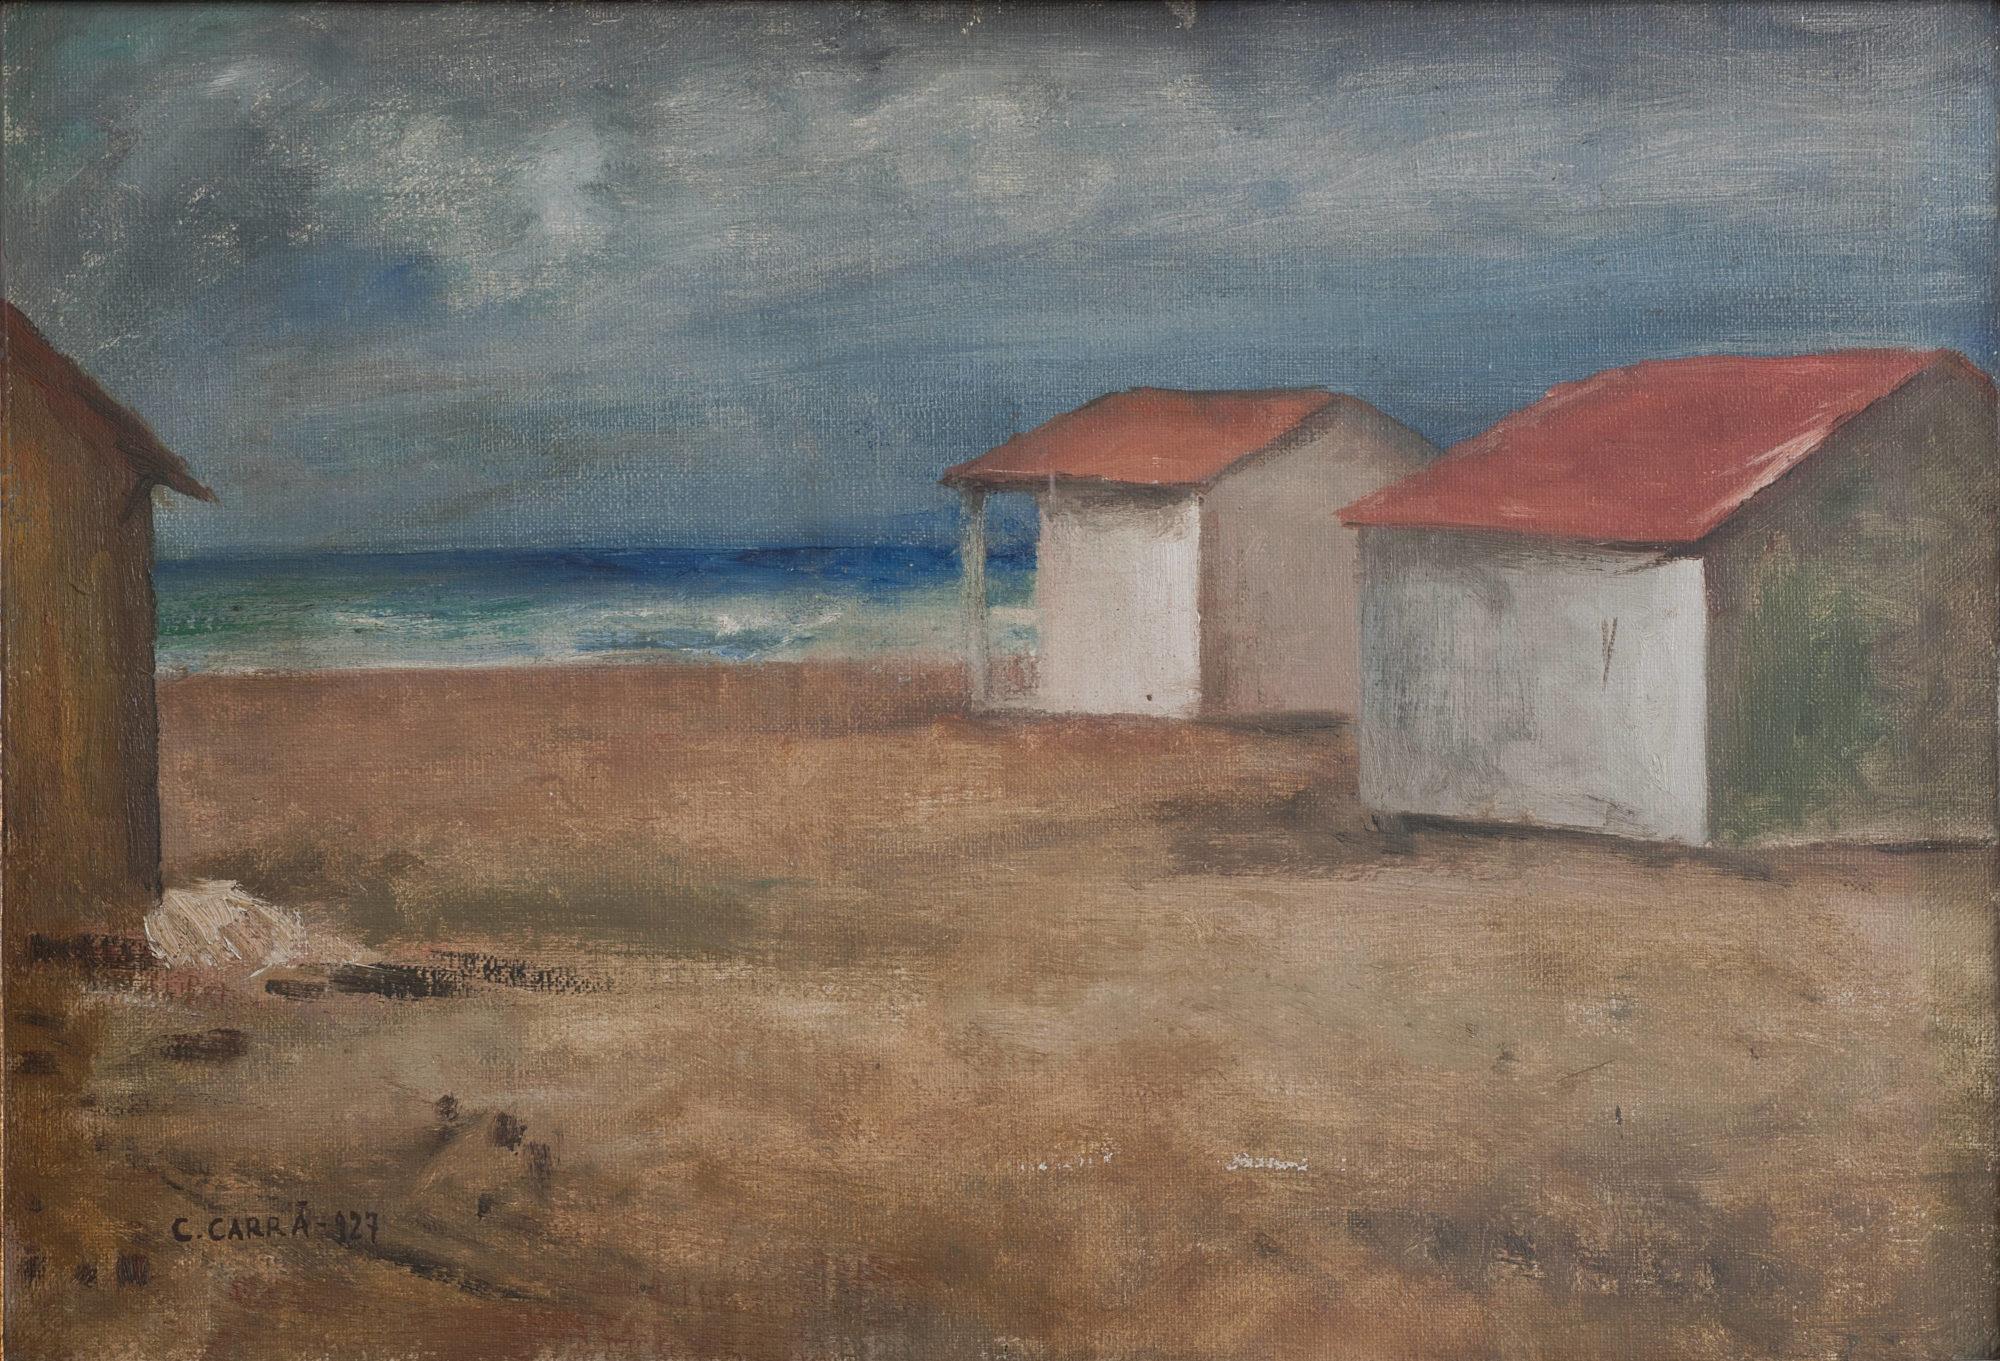 Carlo Carrà, Capanni sul mare (1927; olio su tela applicata su cartone, 44 x 63 cm; Torino, GAM - Galleria Civica d'Arte Moderna e Contemporanea)